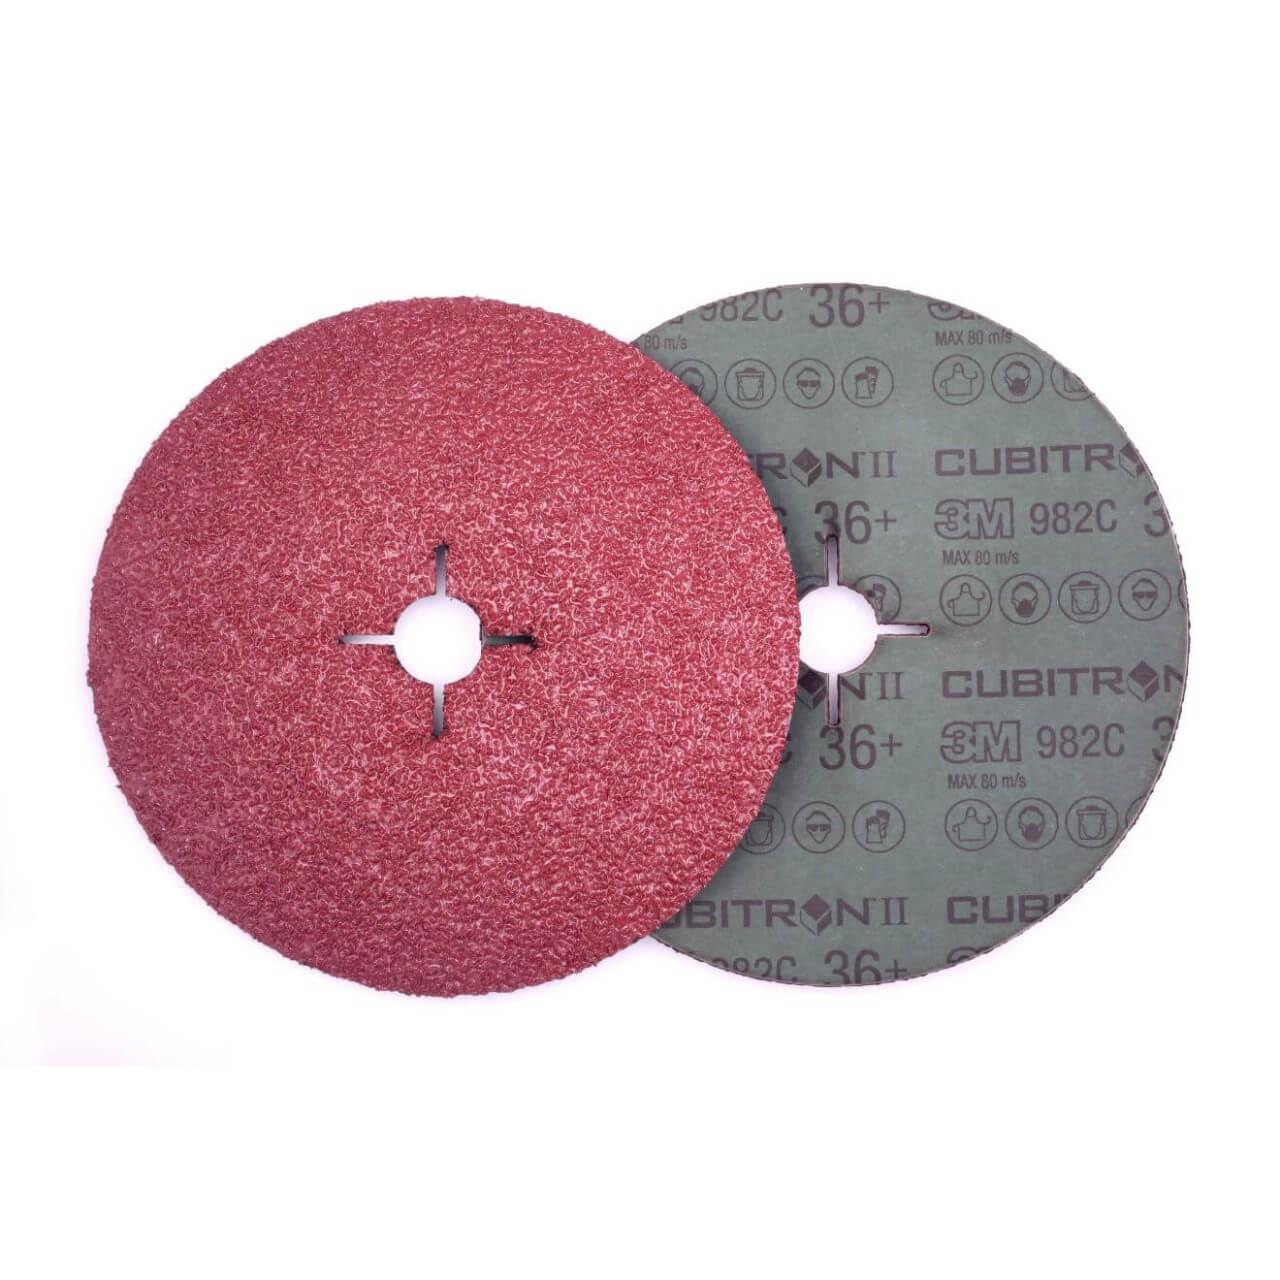 3M Cubitron II 982C 125x22 60+ Fibre Disc